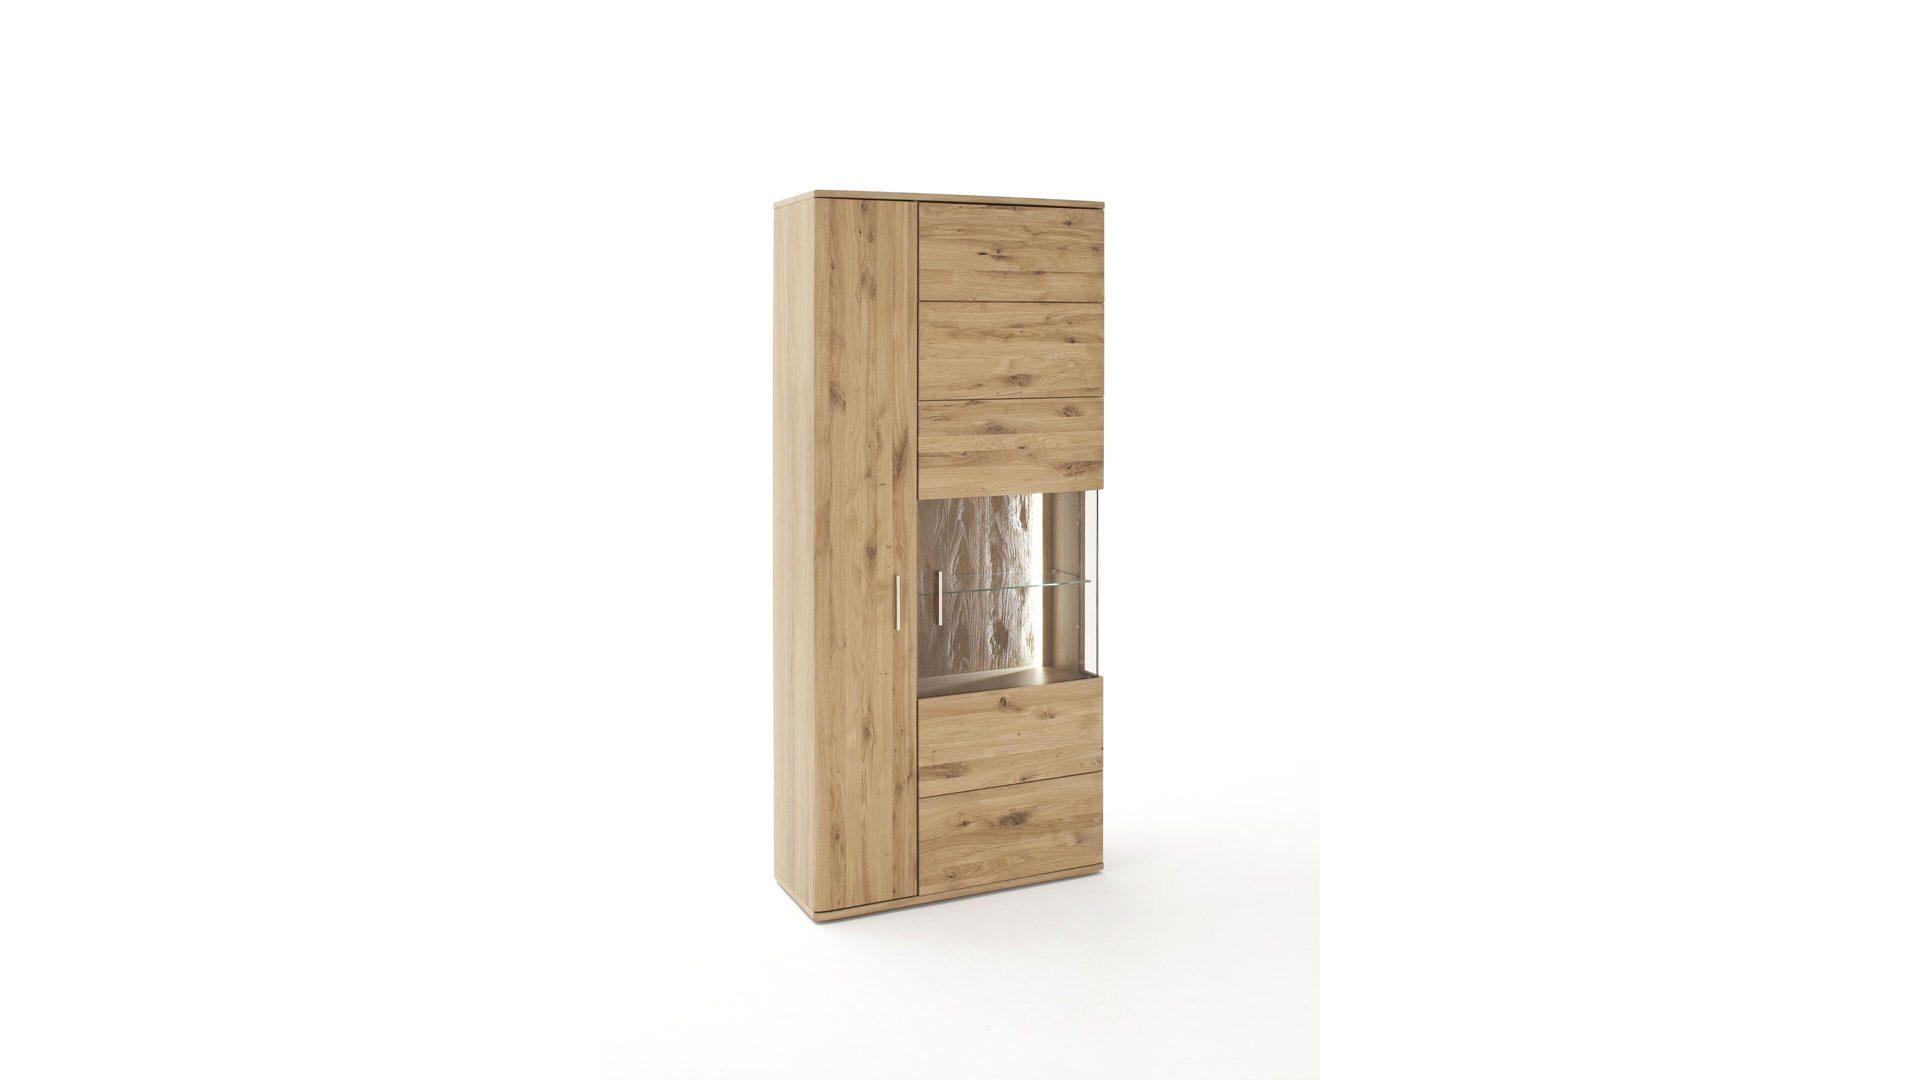 Highboard Sideboard Anrichte Wohnzimmer Esszimmer Wildeiche Geolt